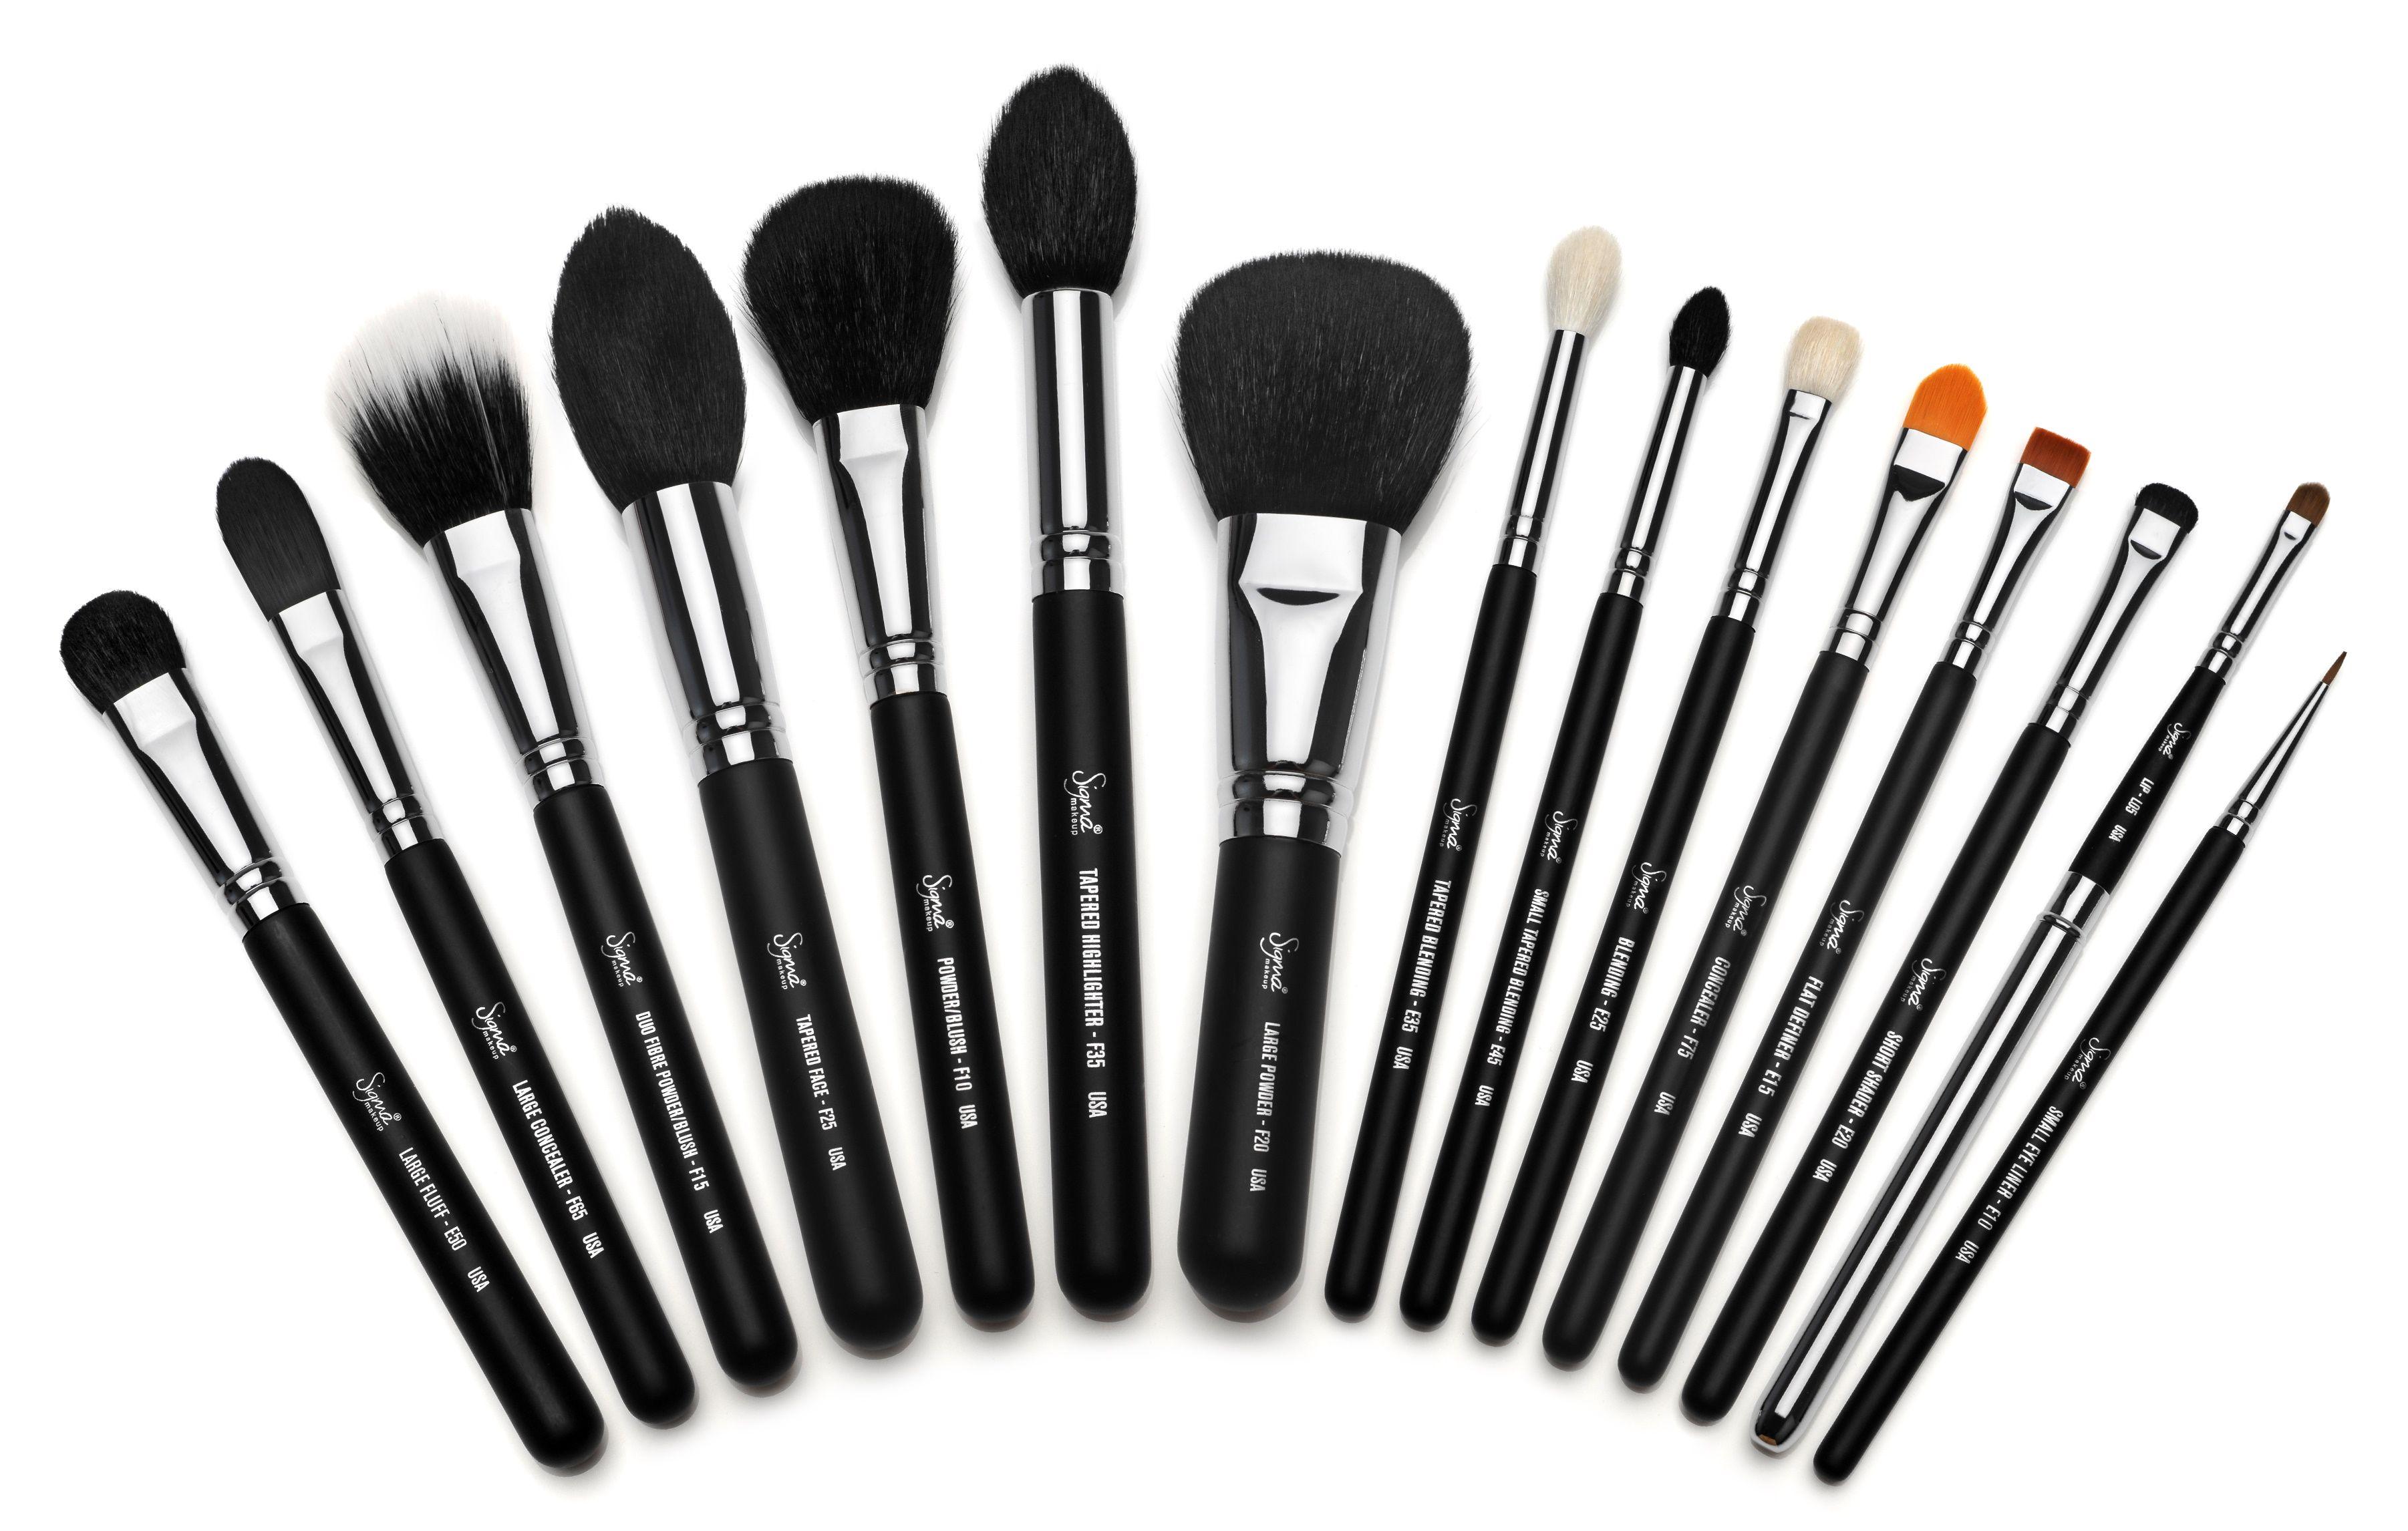 Sigma makeup brushes